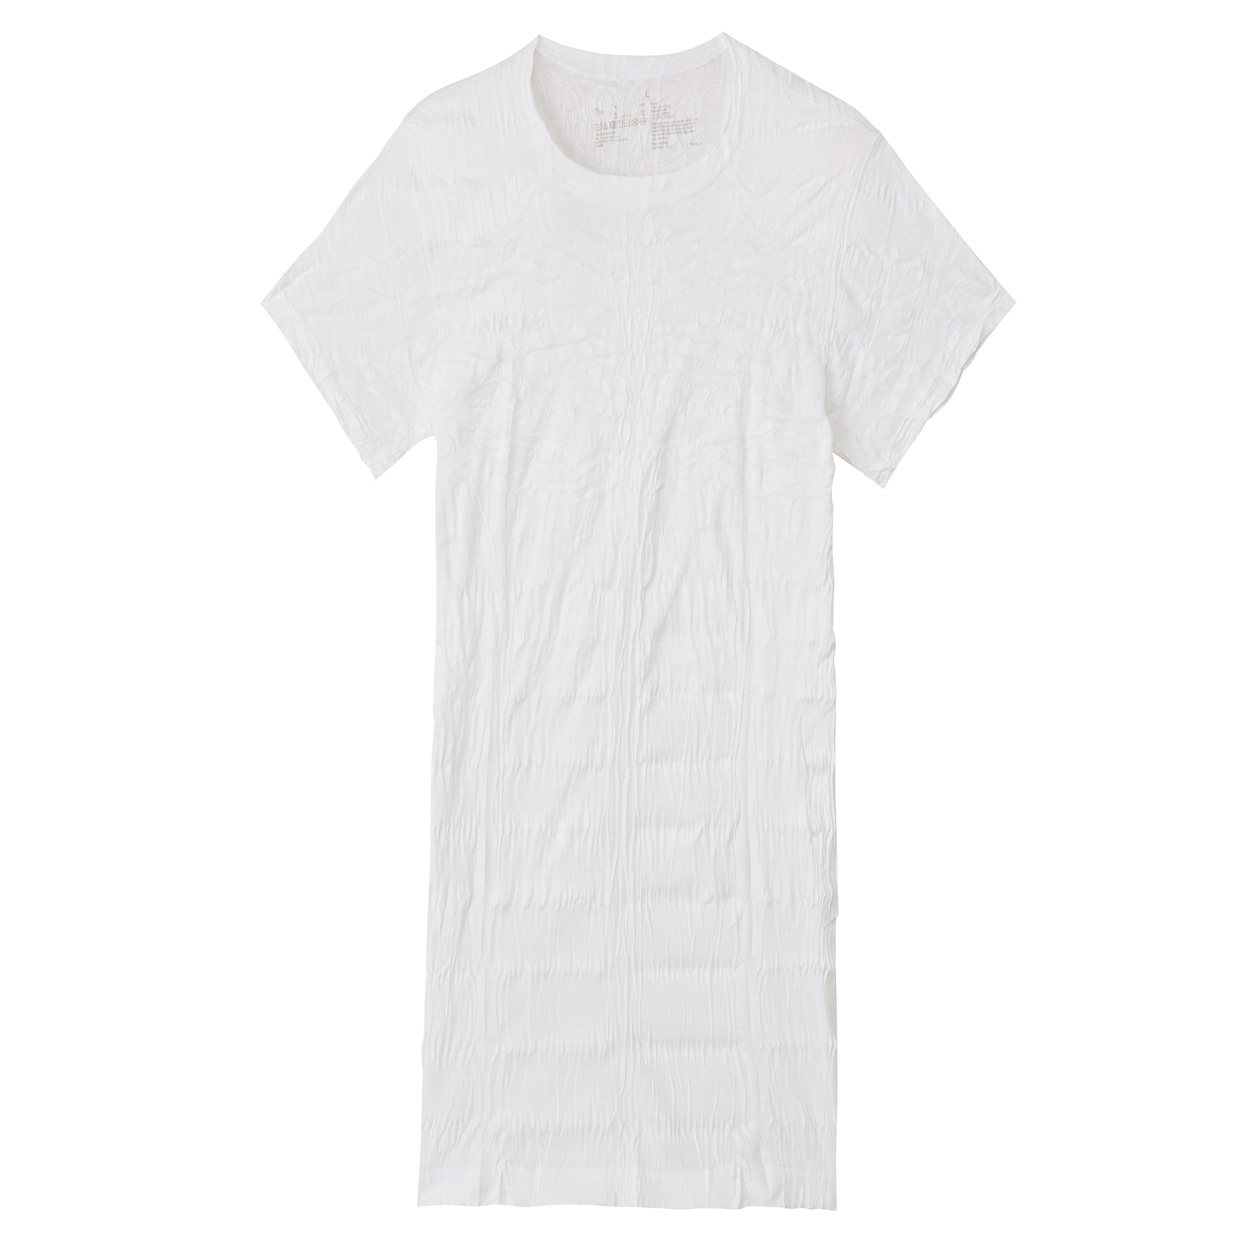 オーガニックコットン圧縮Tシャツ